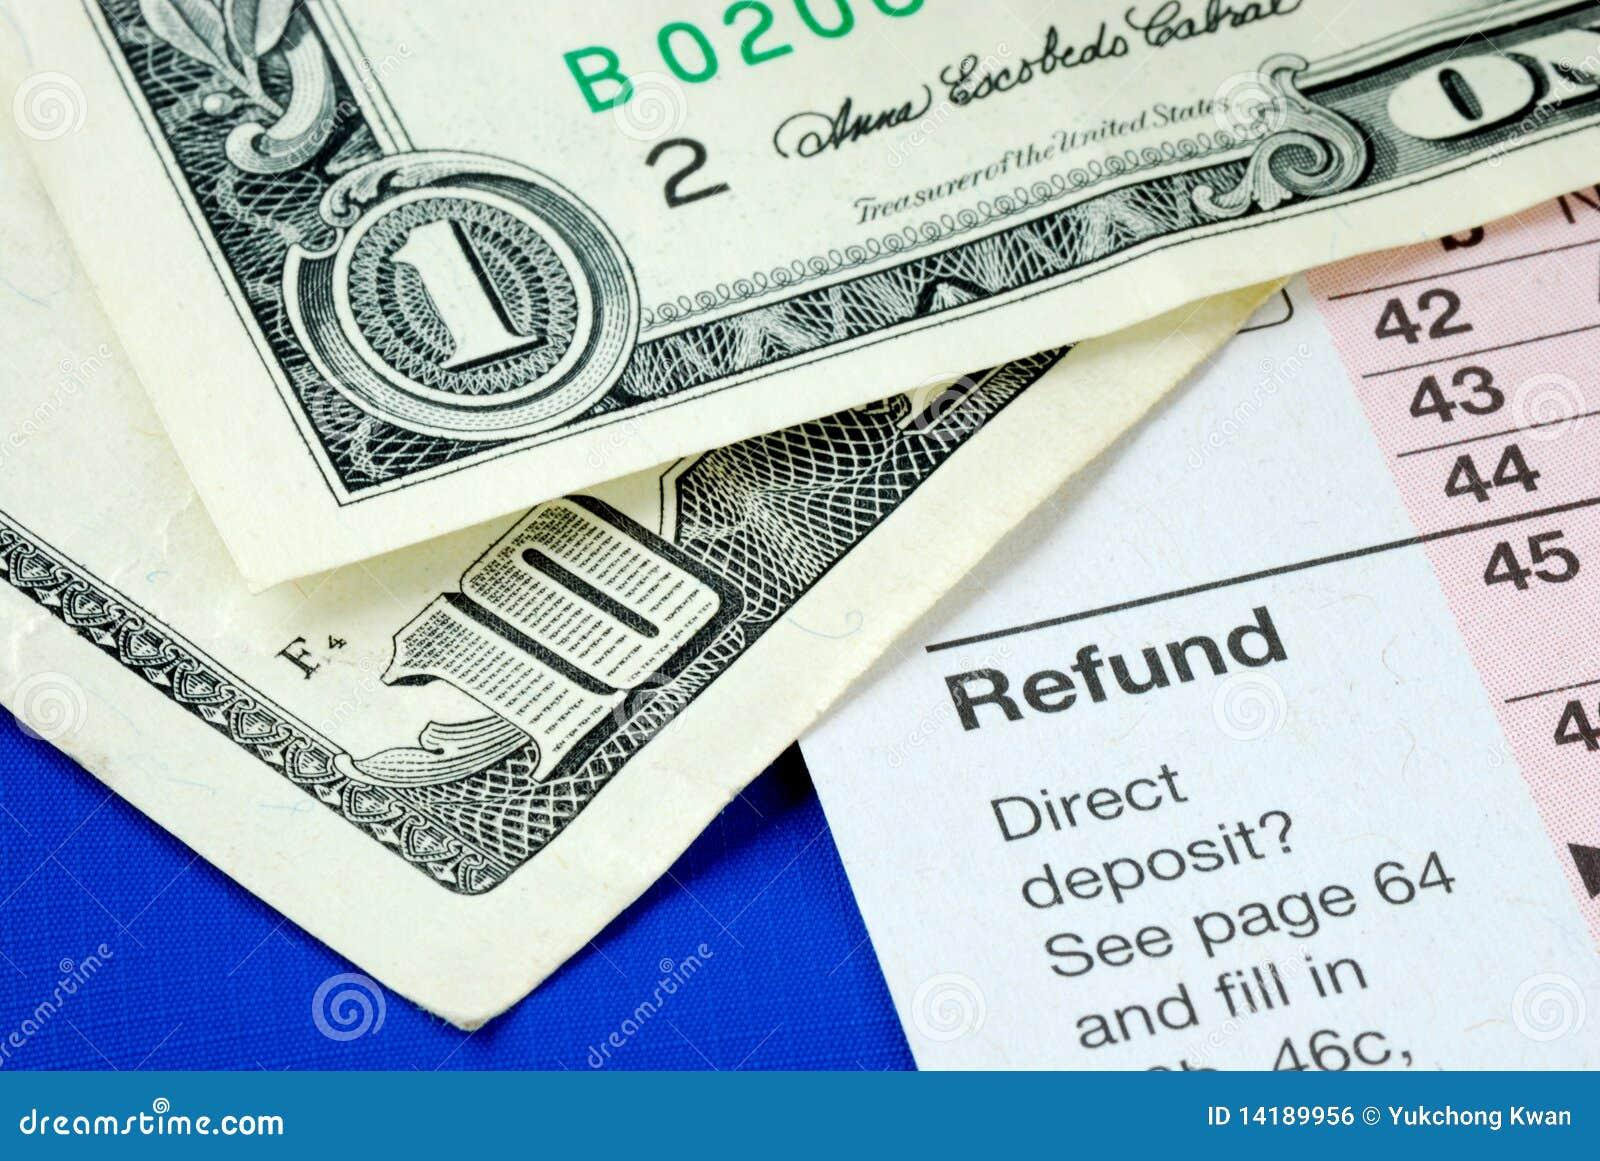 how to return money moneris